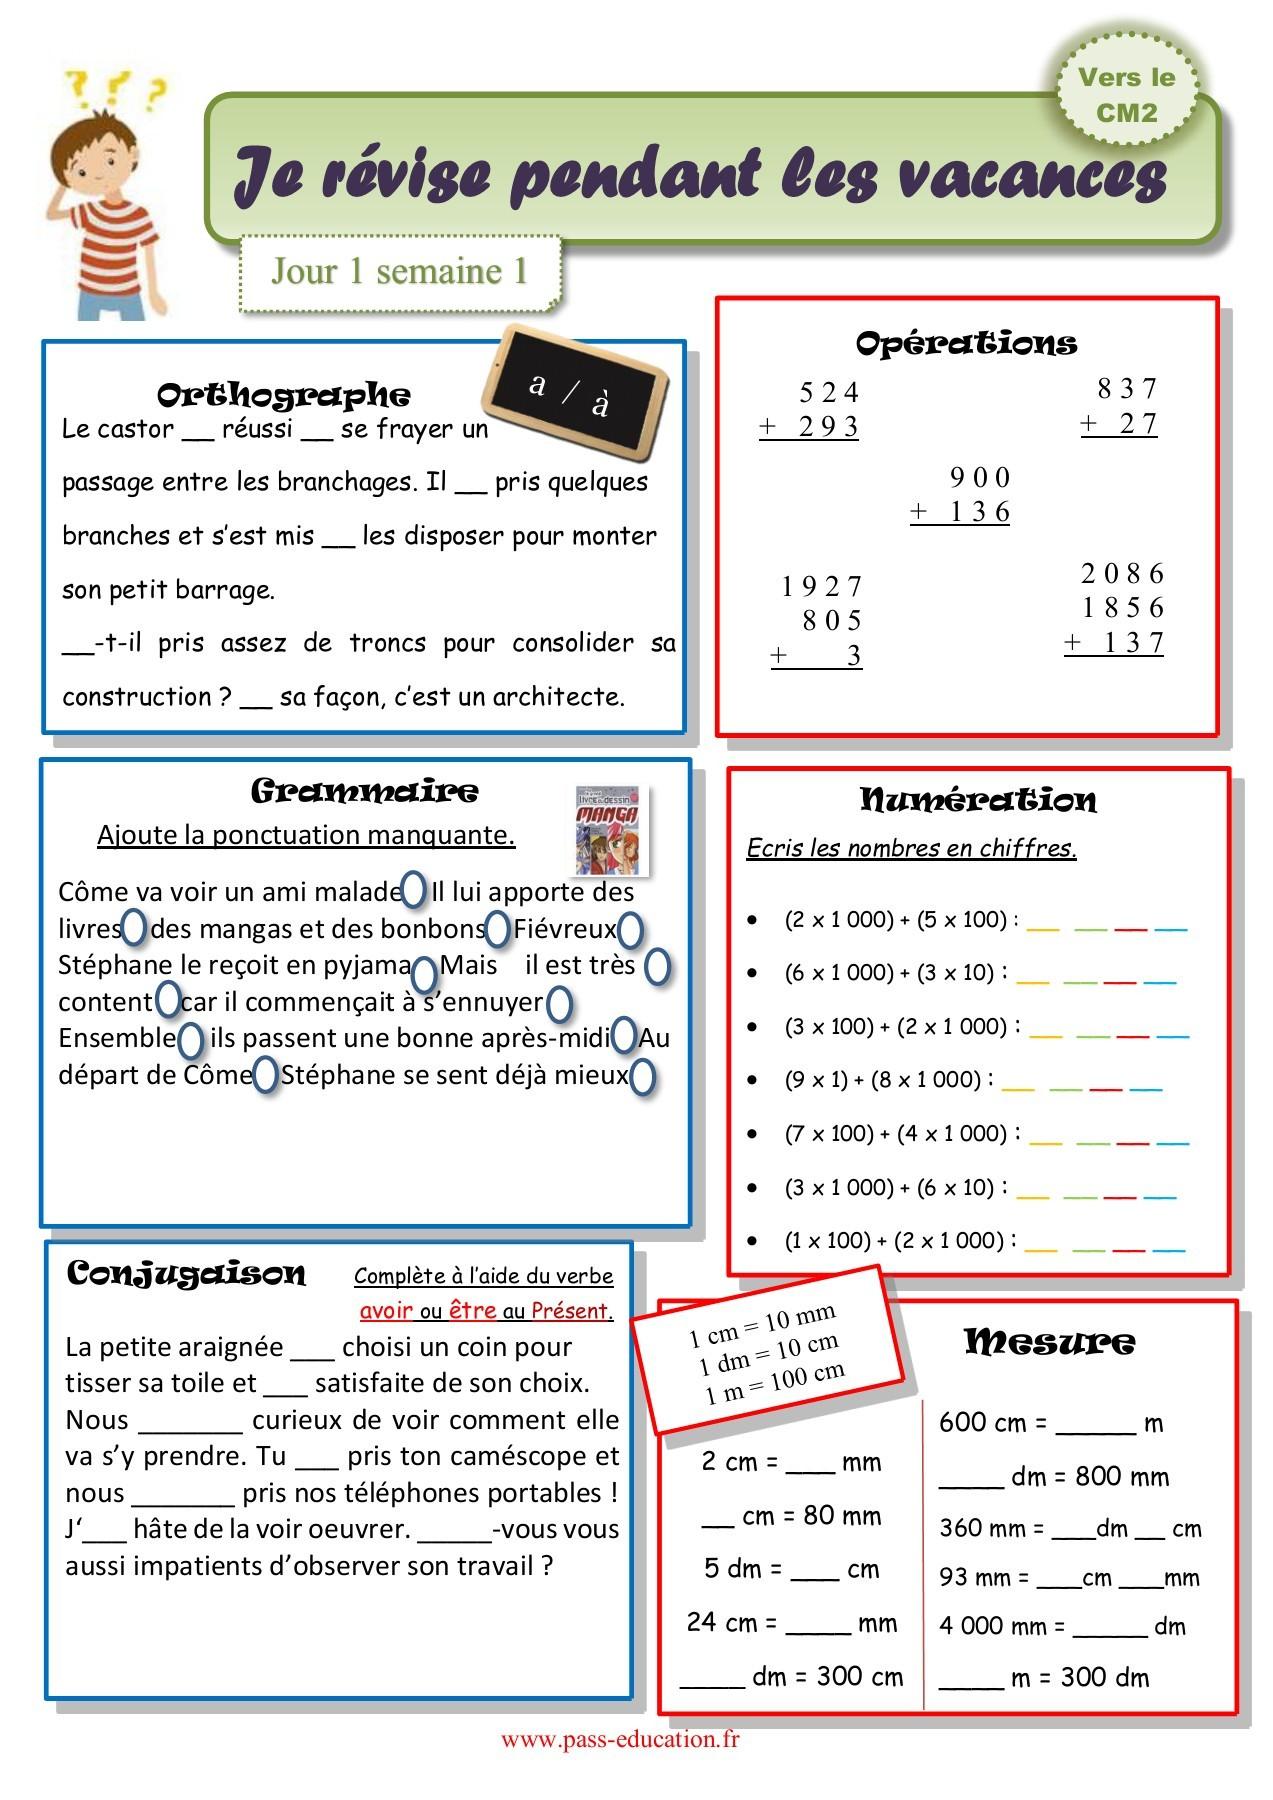 Cahier De Vacances Gratuit À Imprimer - Cm1 Vers Le Cm2 destiné Cahier De Vacances Gratuit En Ligne